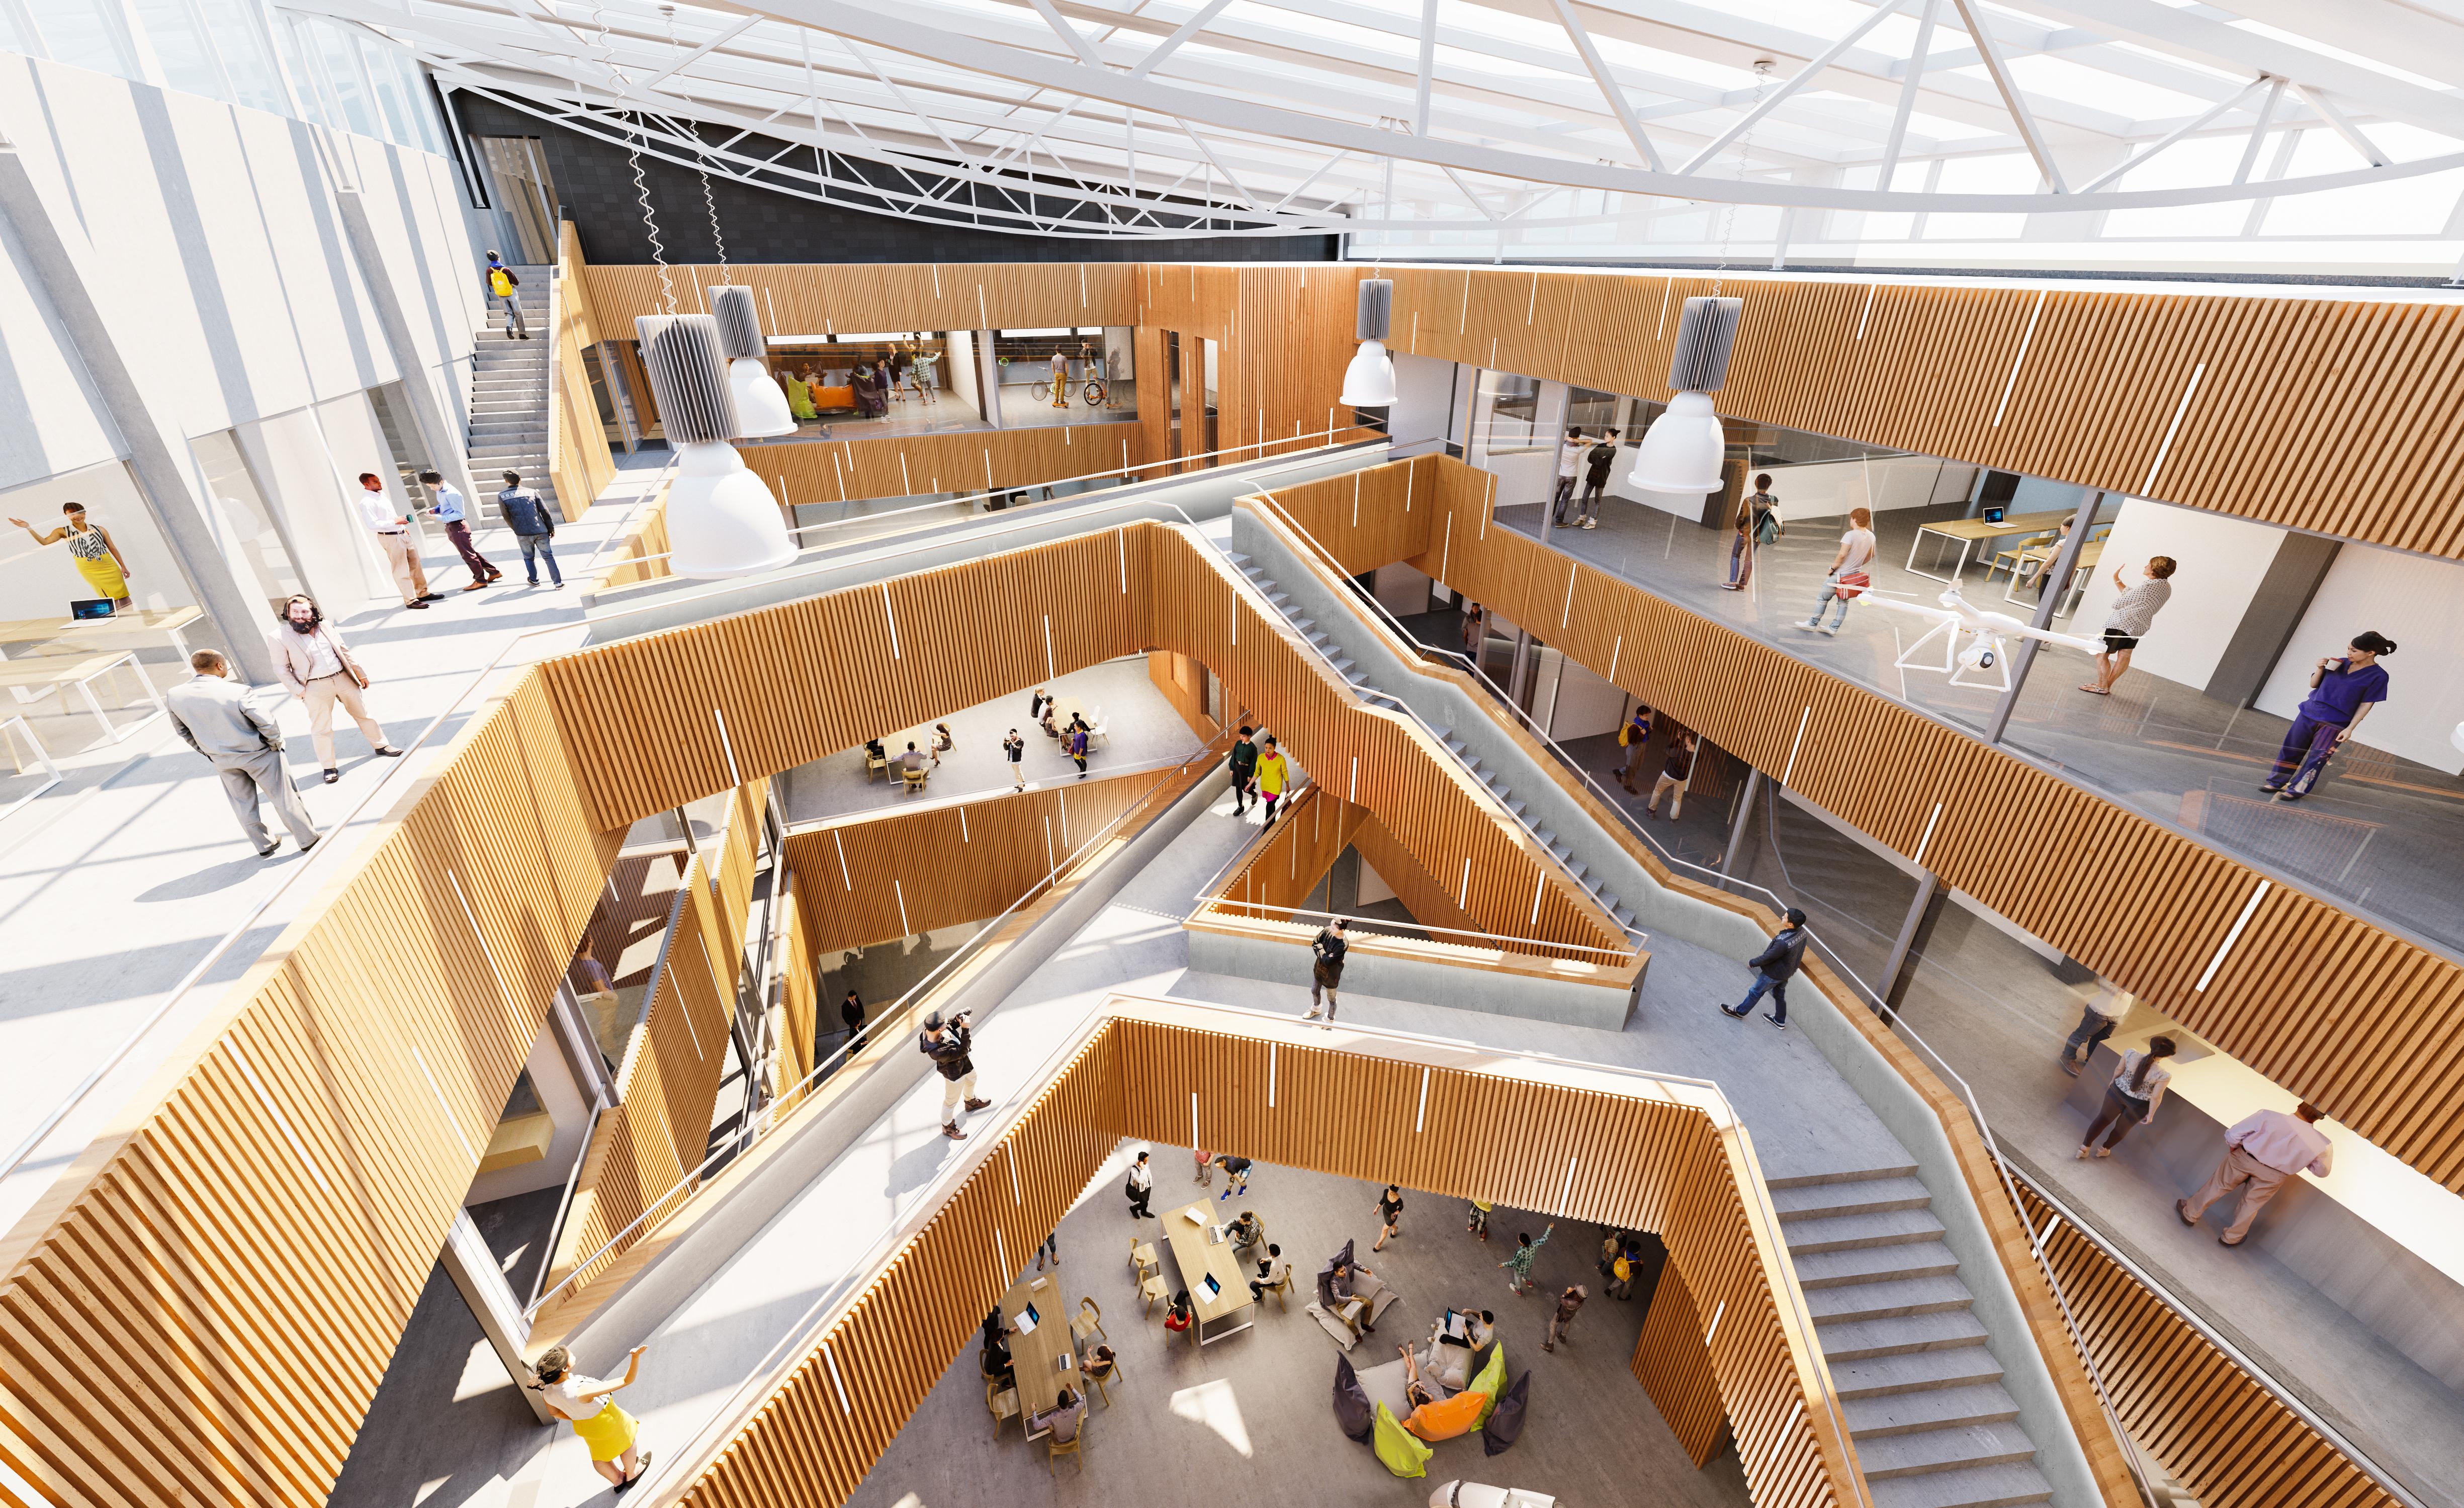 Wizualizacja wnętrz uniwersytet techniczny Eindhoven